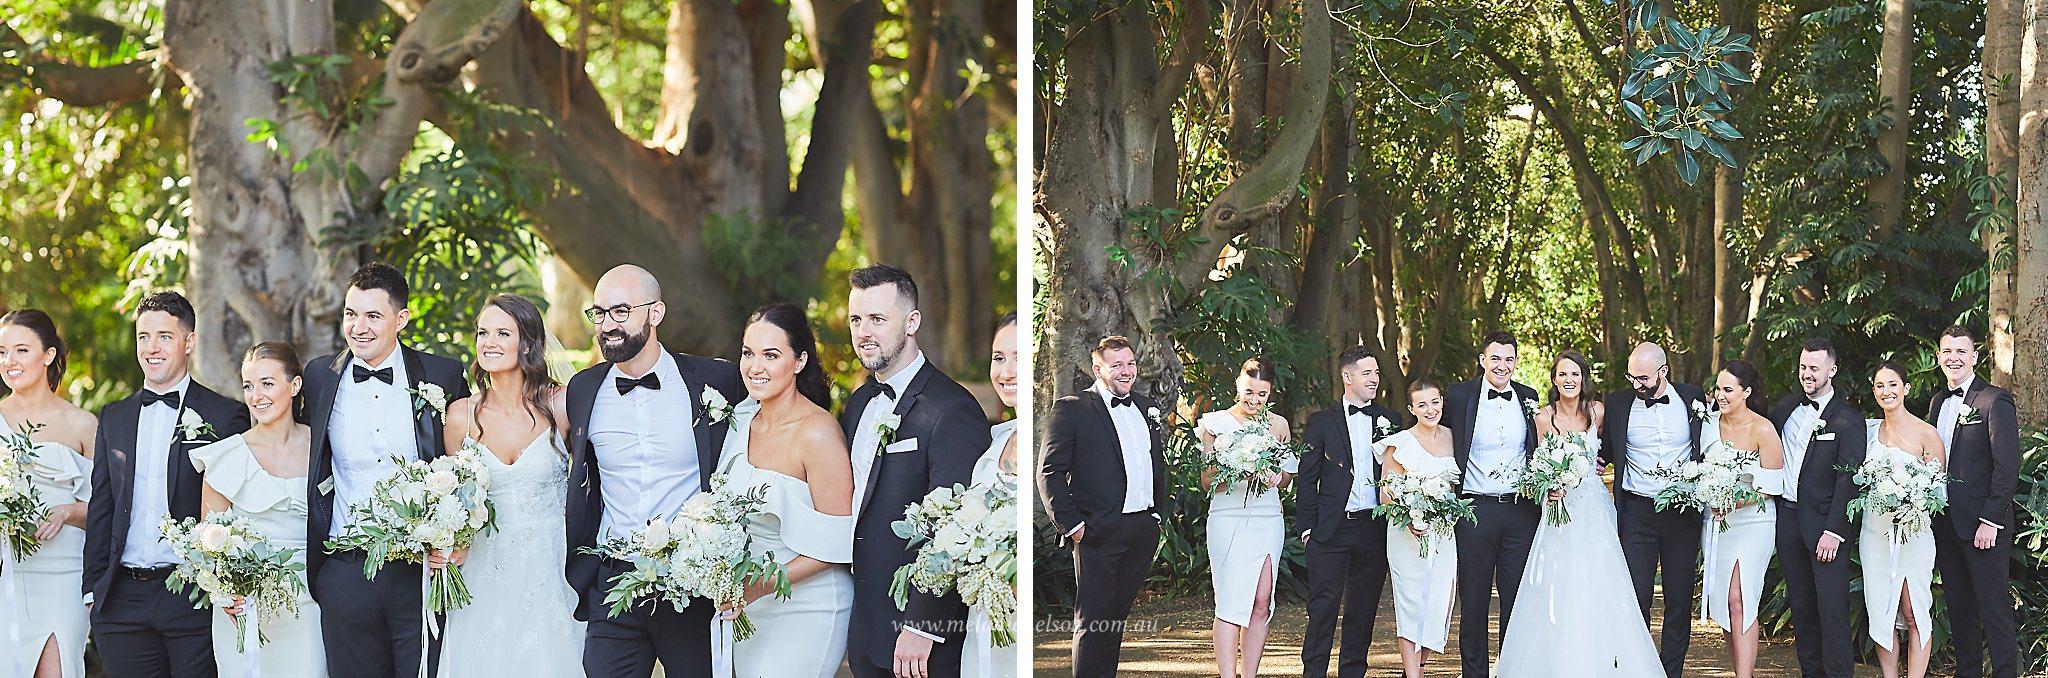 adelaide_wedding_photography_0005.jpg